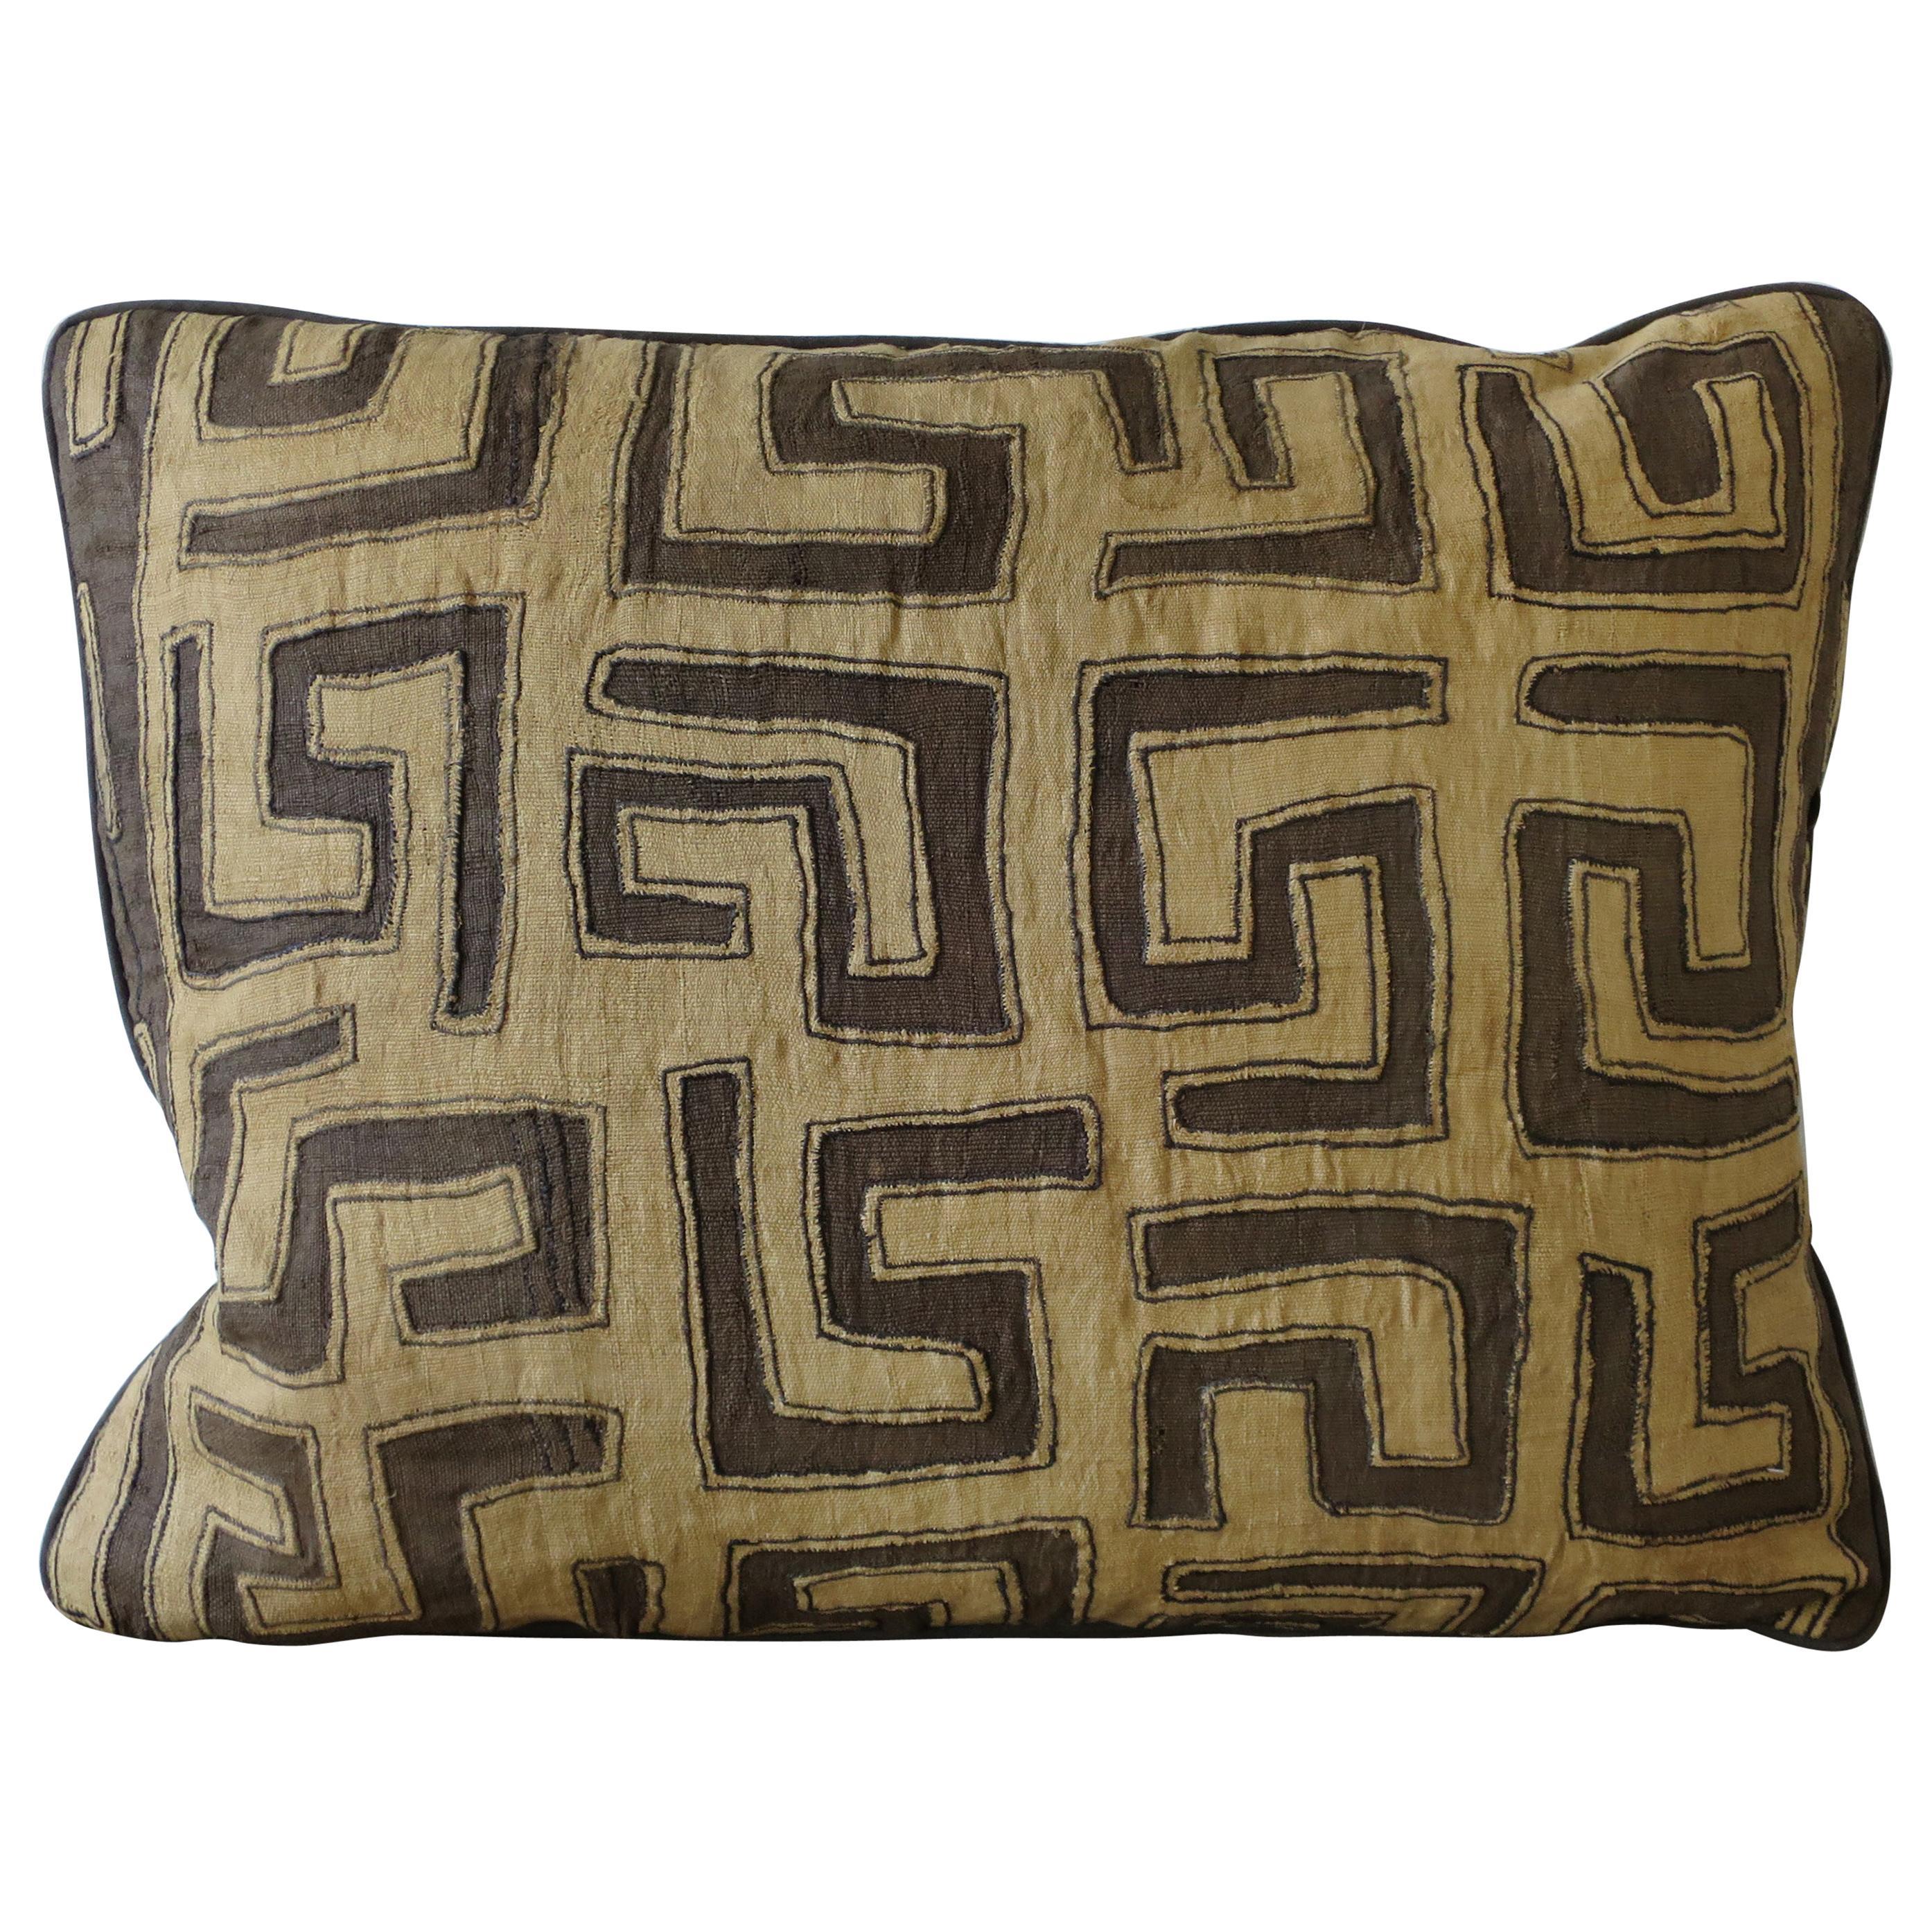 Kuba cloth pillow   Etsy